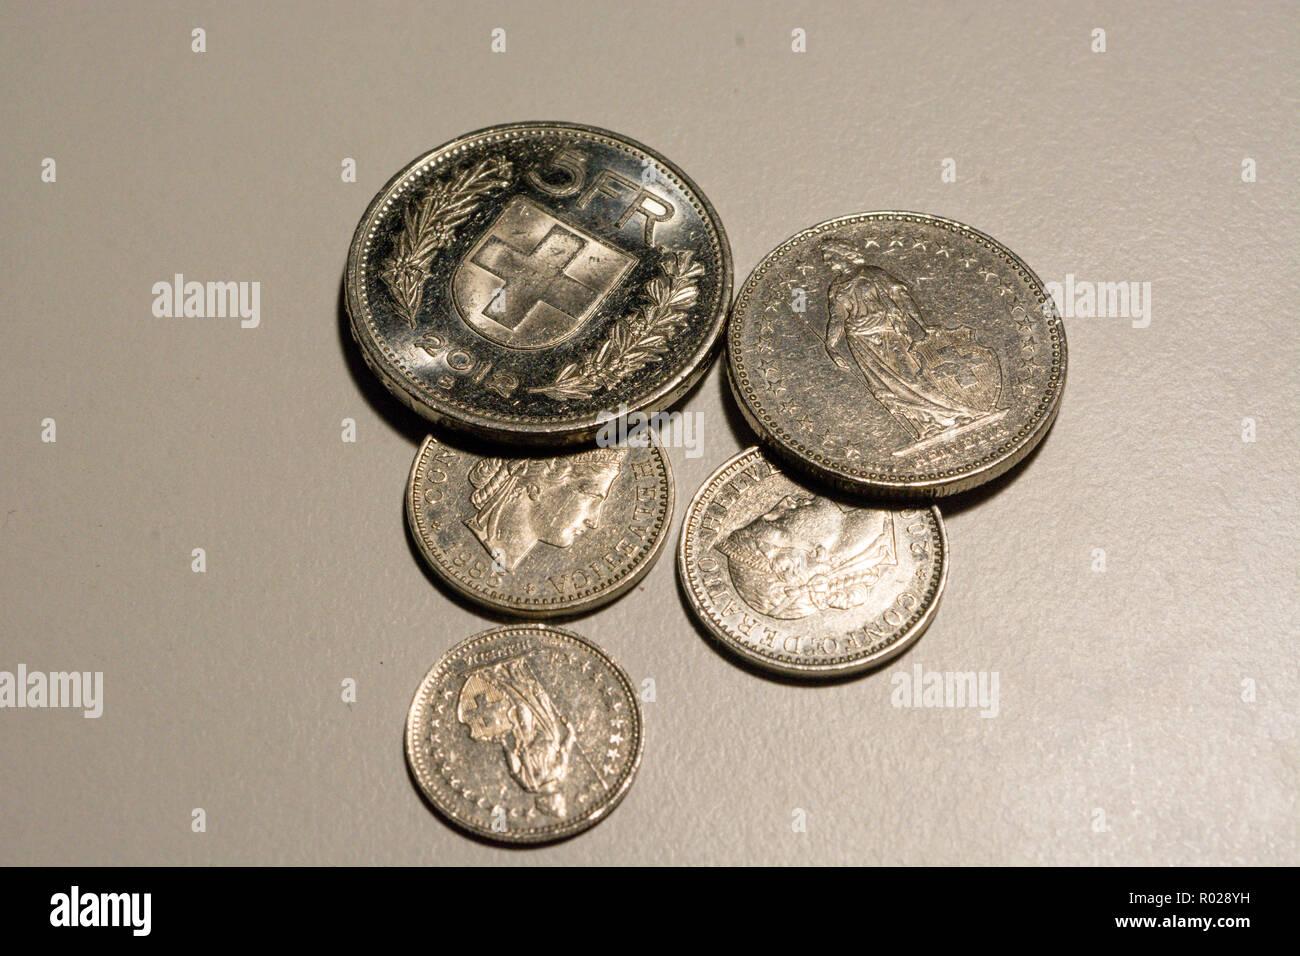 Schweizer Franken Münzen Auf Weißem Hintergrund Stockfoto Bild